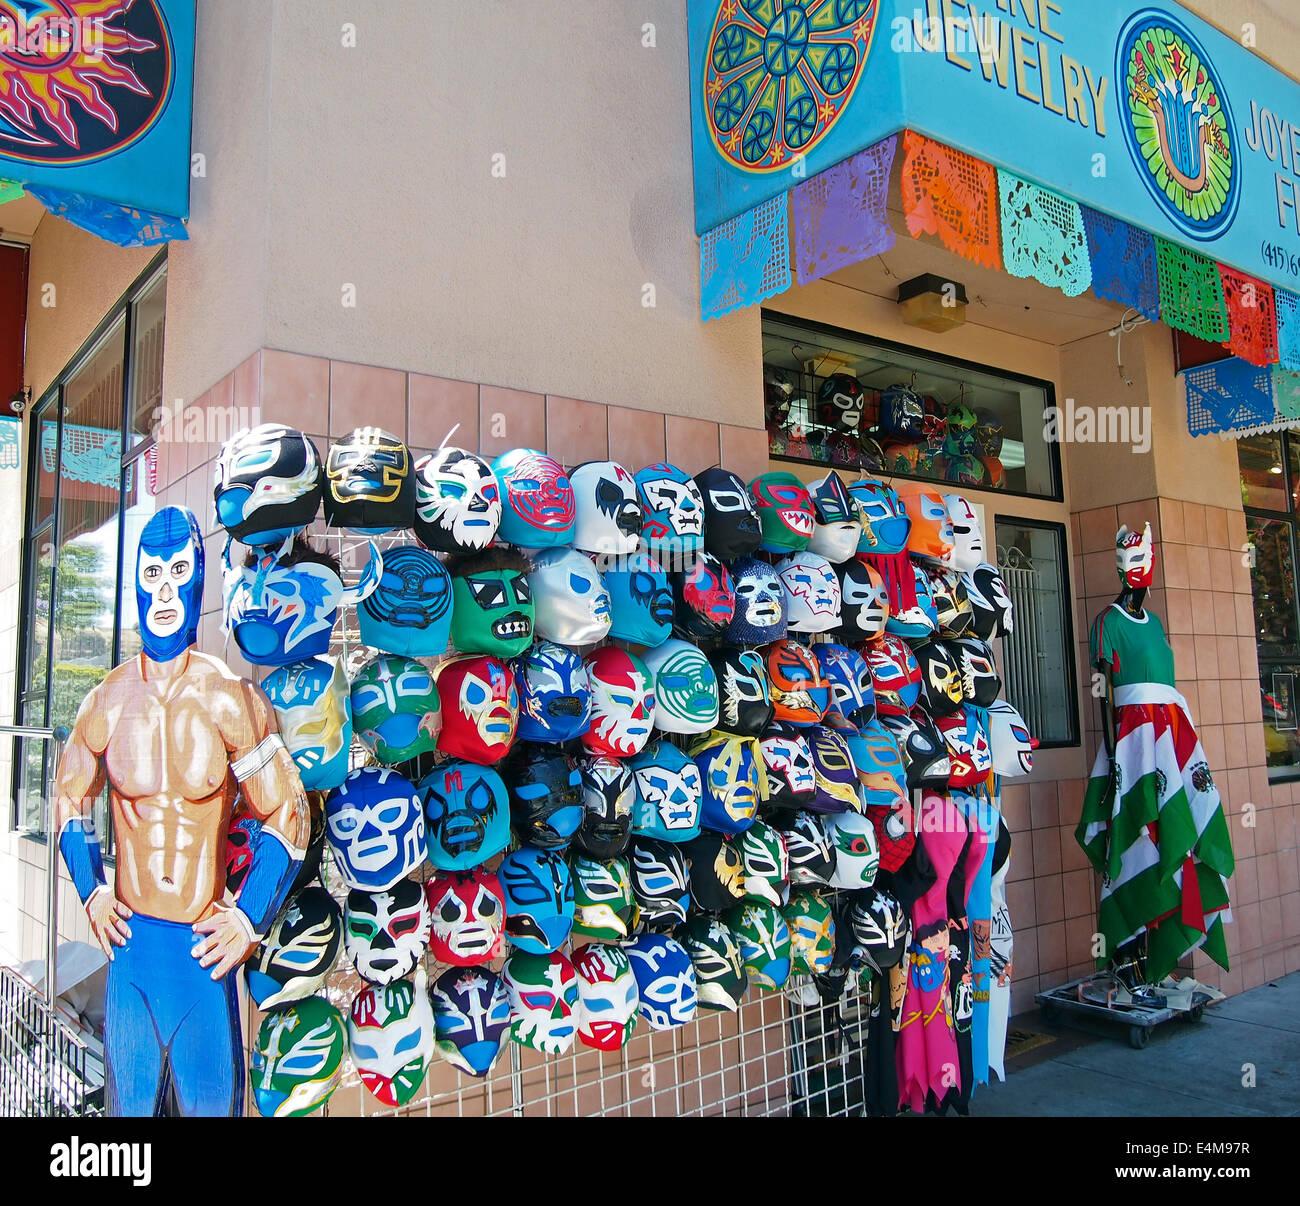 Il wrestling messicano di maschere per la vendita, Distretto di missione di San Francisco Immagini Stock